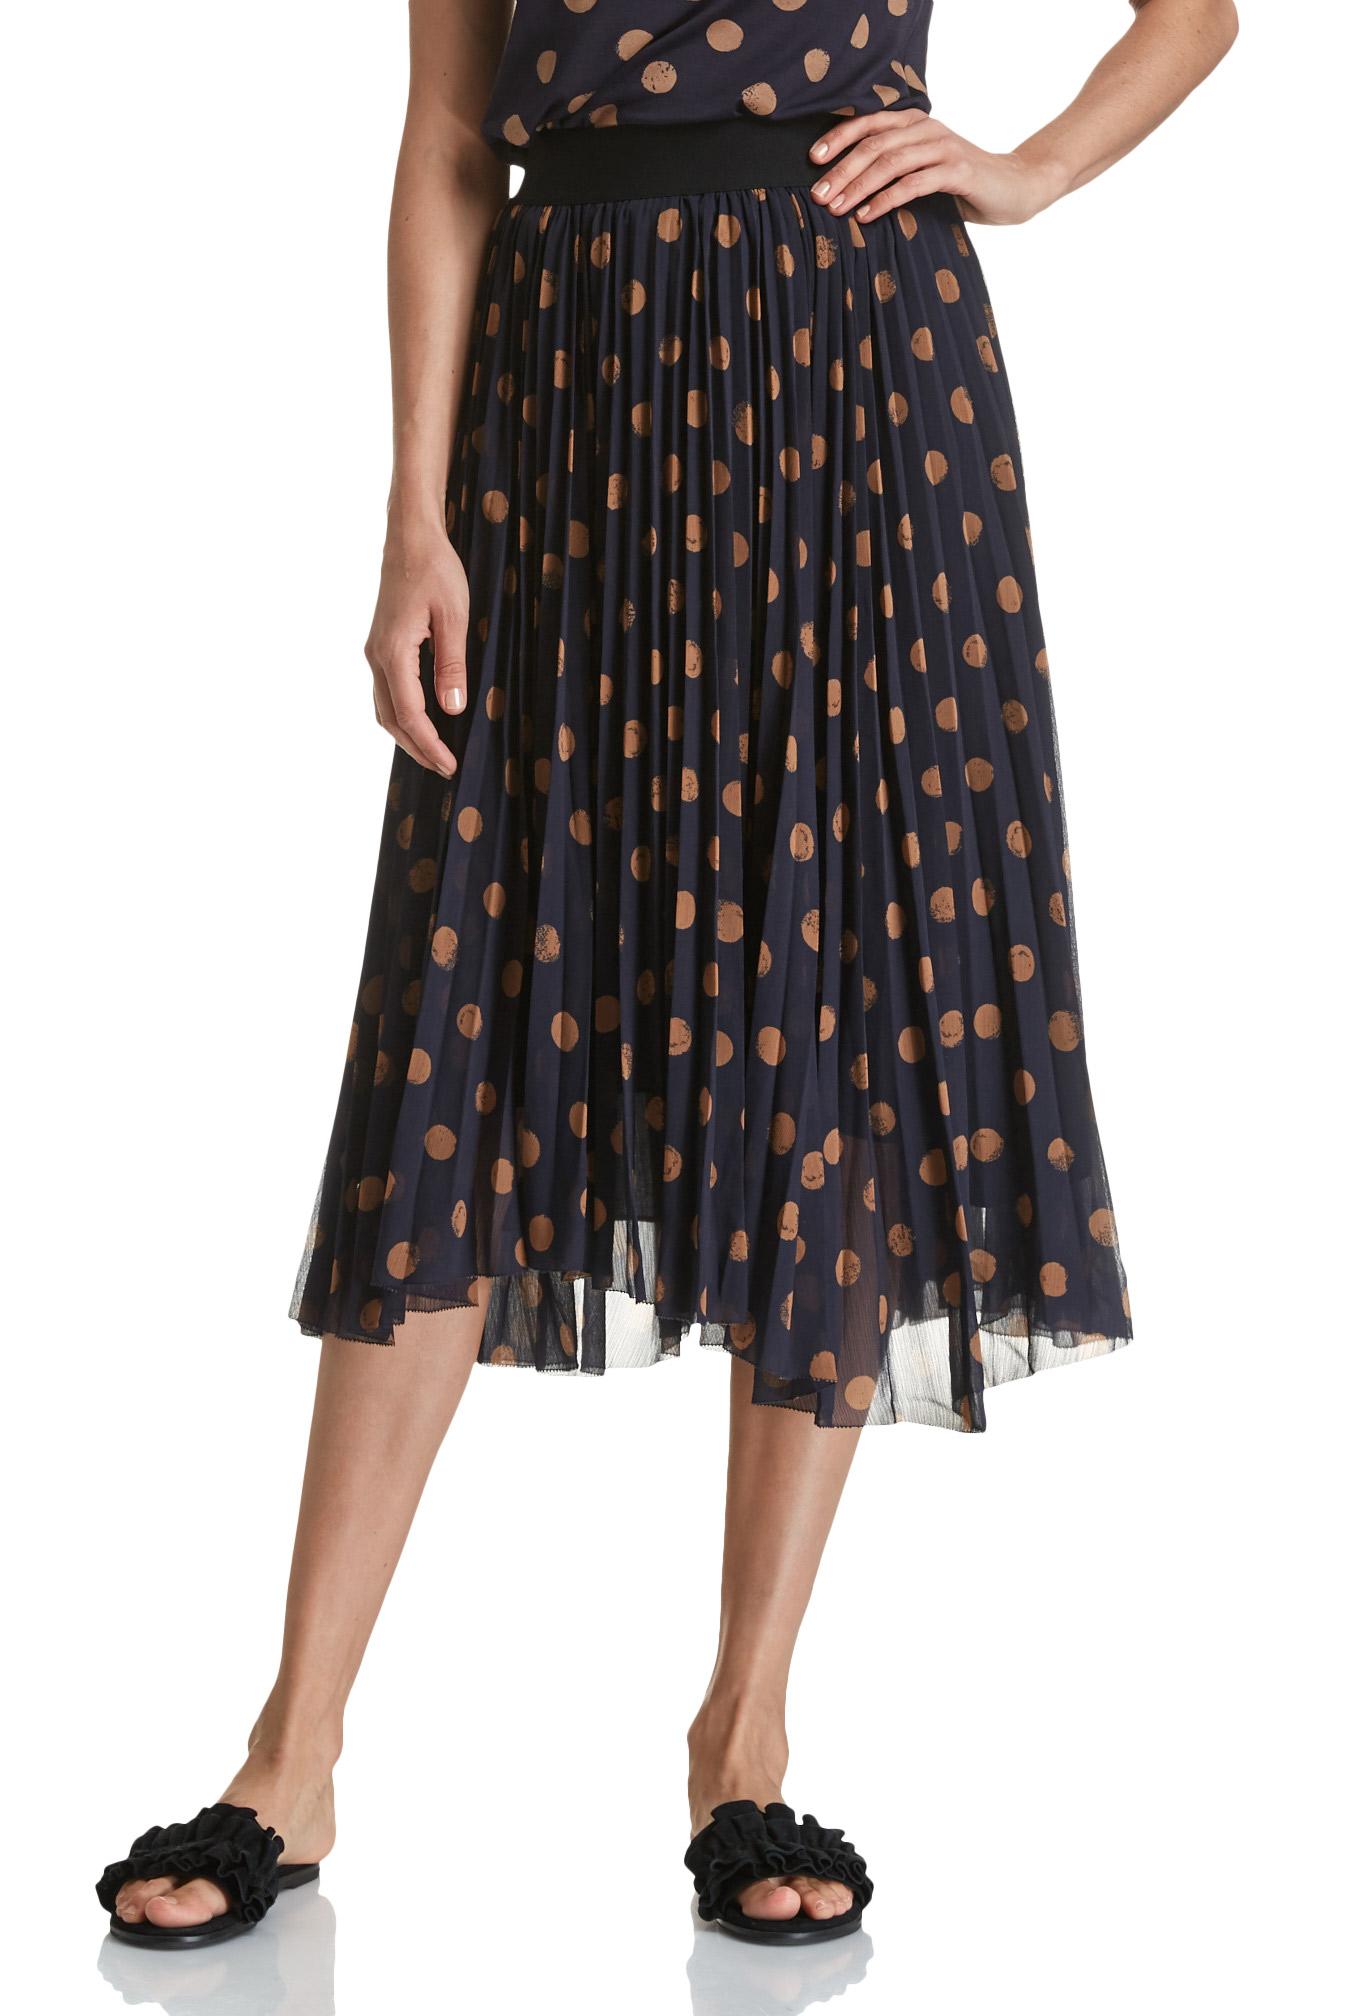 Saba Odell Spot Skirt